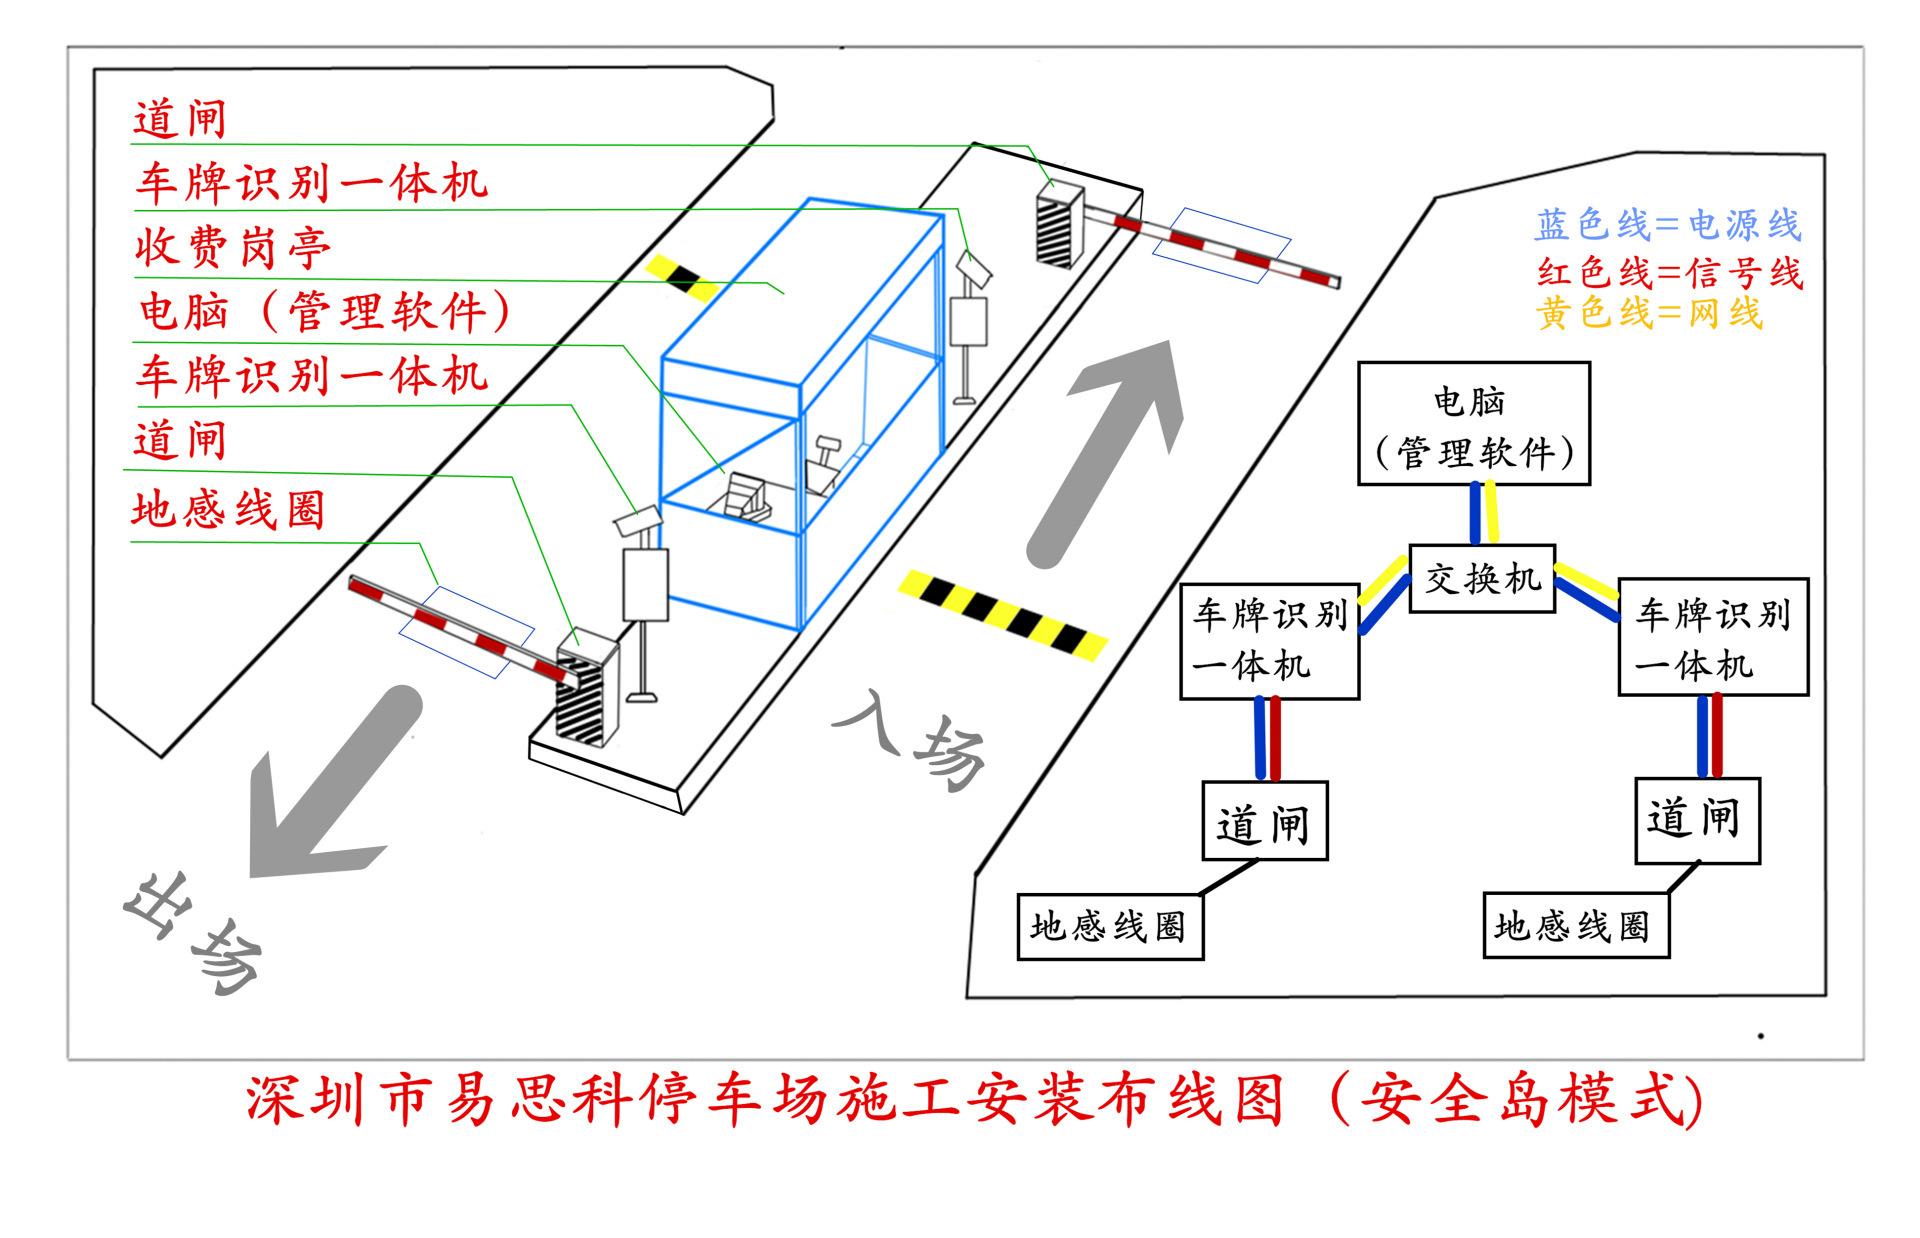 厂家直销车牌识别系统用于停车场临时车月卡车收费管理60260285